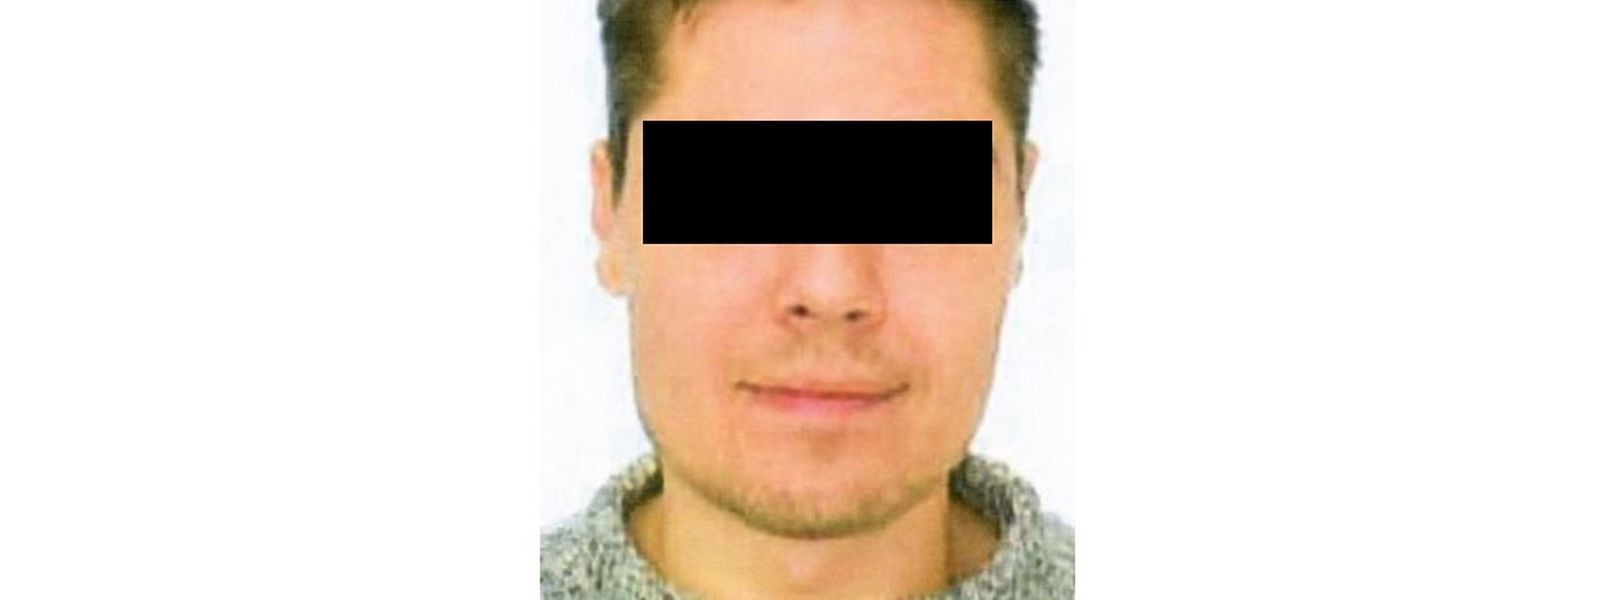 Nach Philip M. wurde wegen eines großangelegten Drogenhandels im Münchener Studentenmilieu international gefahndet. In Bonneweg klickten nun die Handschellen.